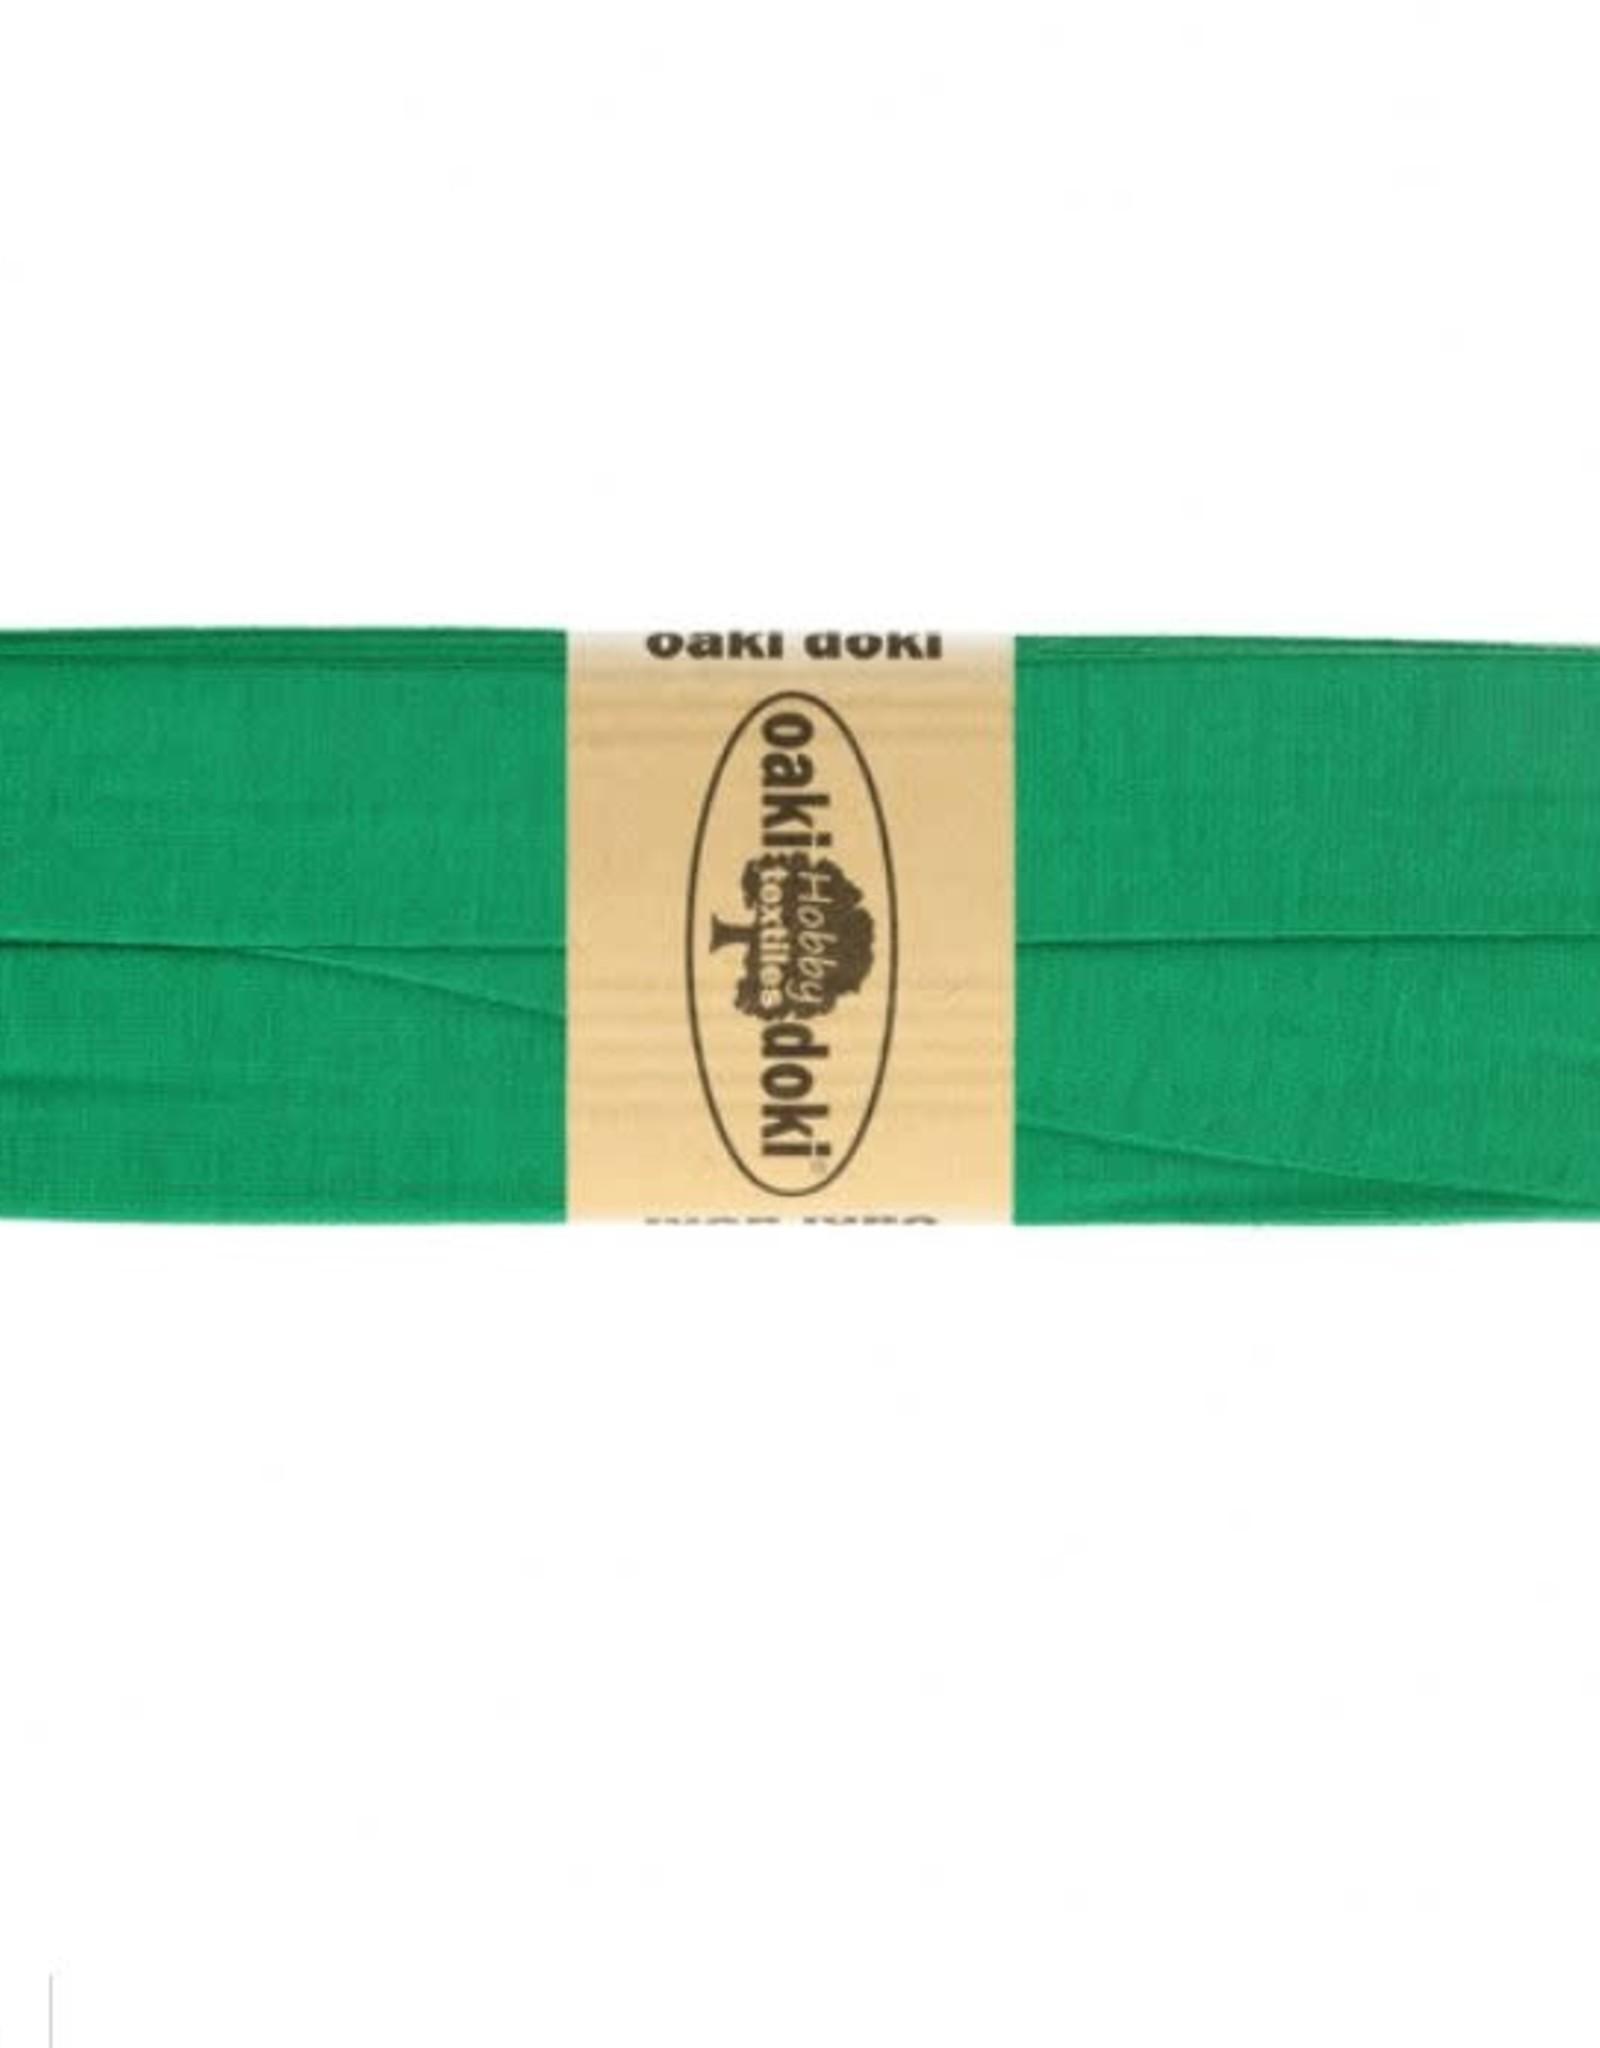 Oaki Doki Biais tricot de luxe Oaki Doki groen 450